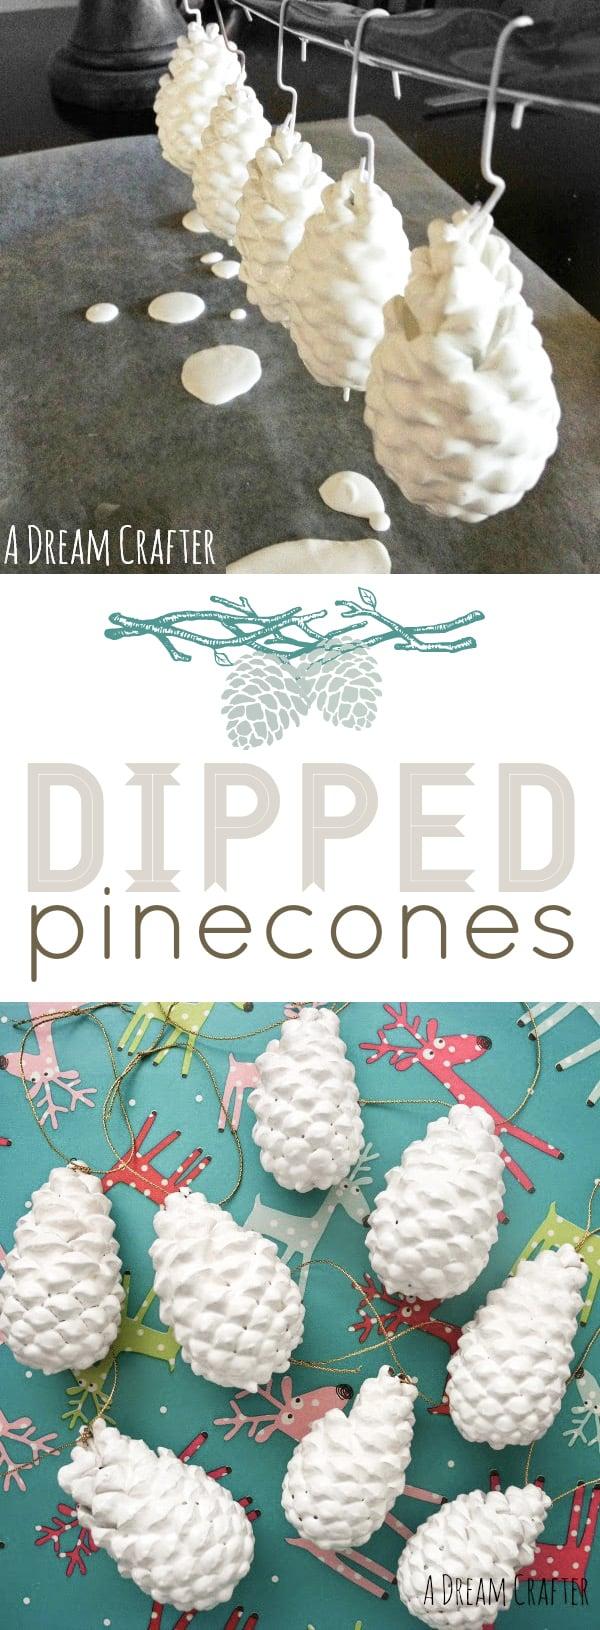 diy-dipped-pinecones-tutorial